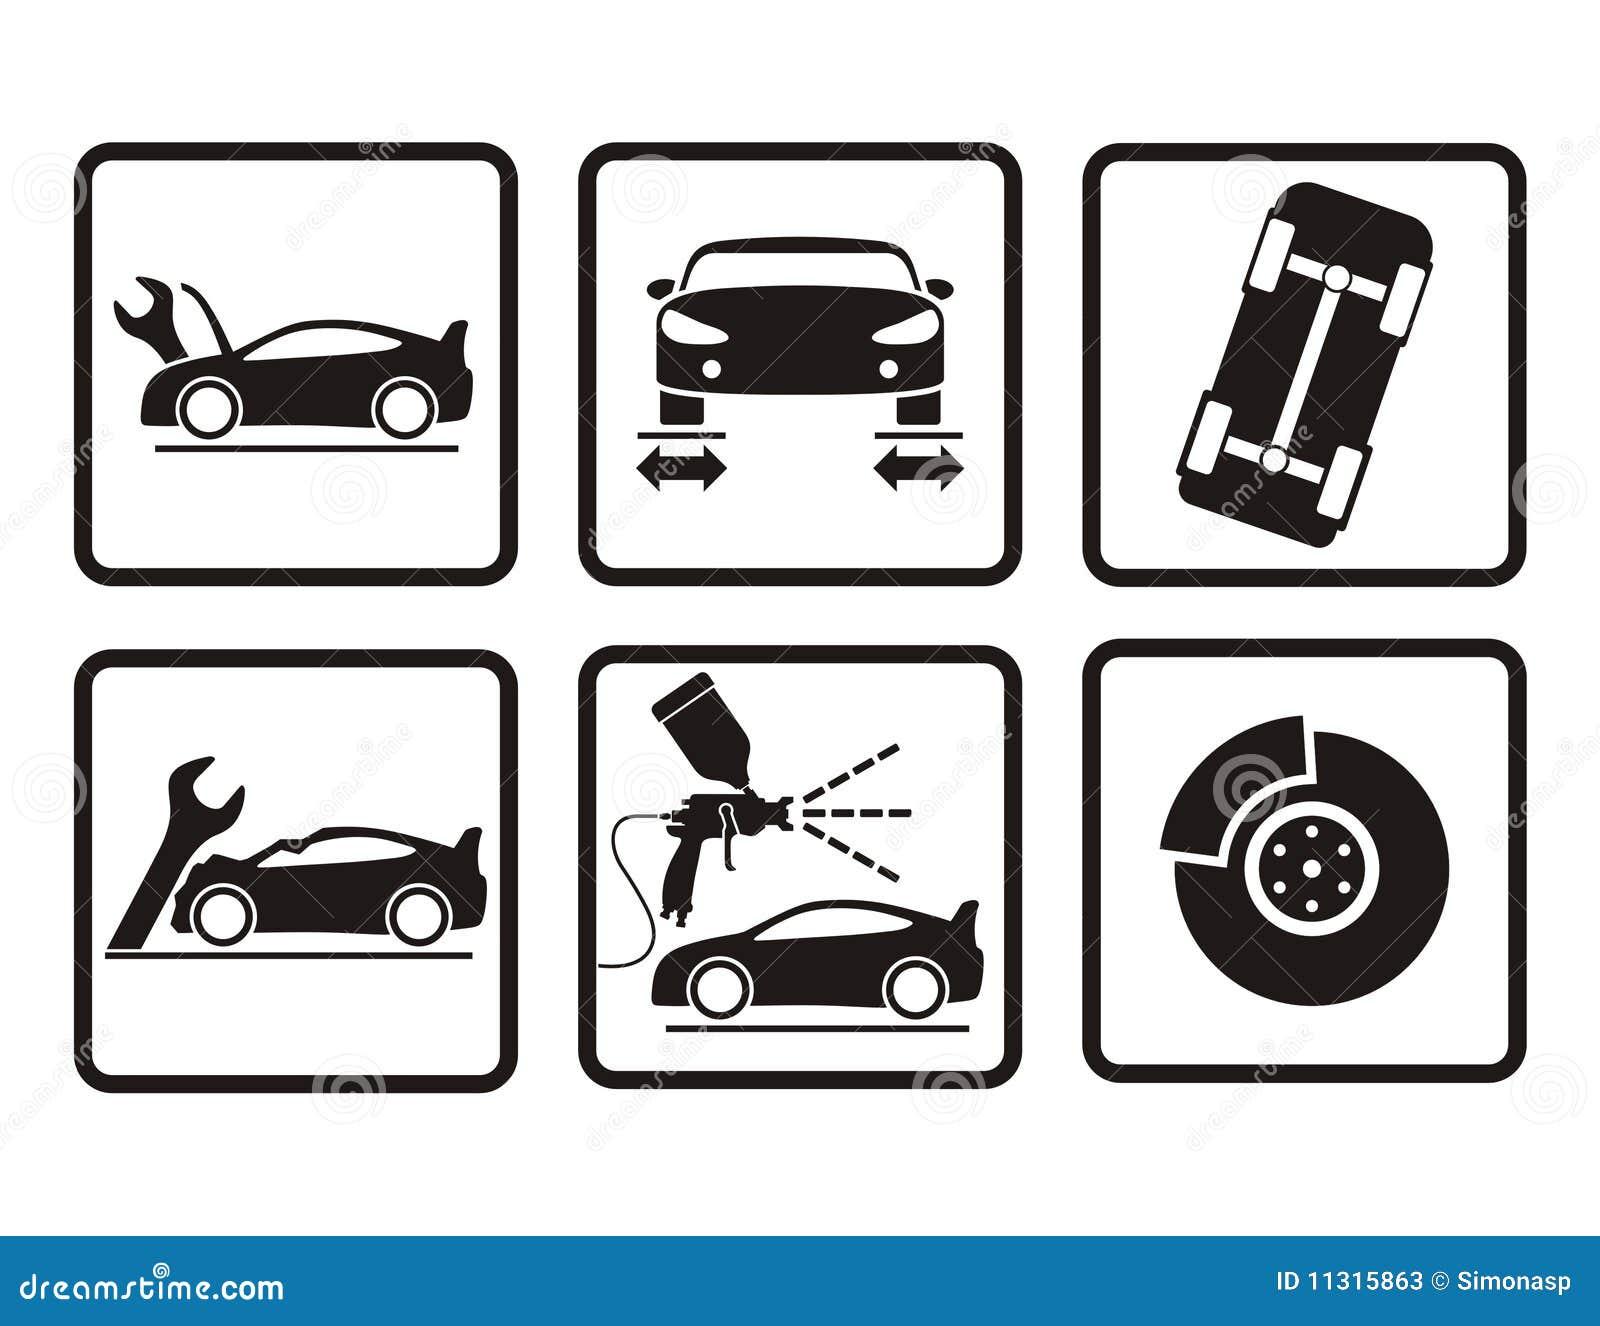 Free Clipart Auto Repair